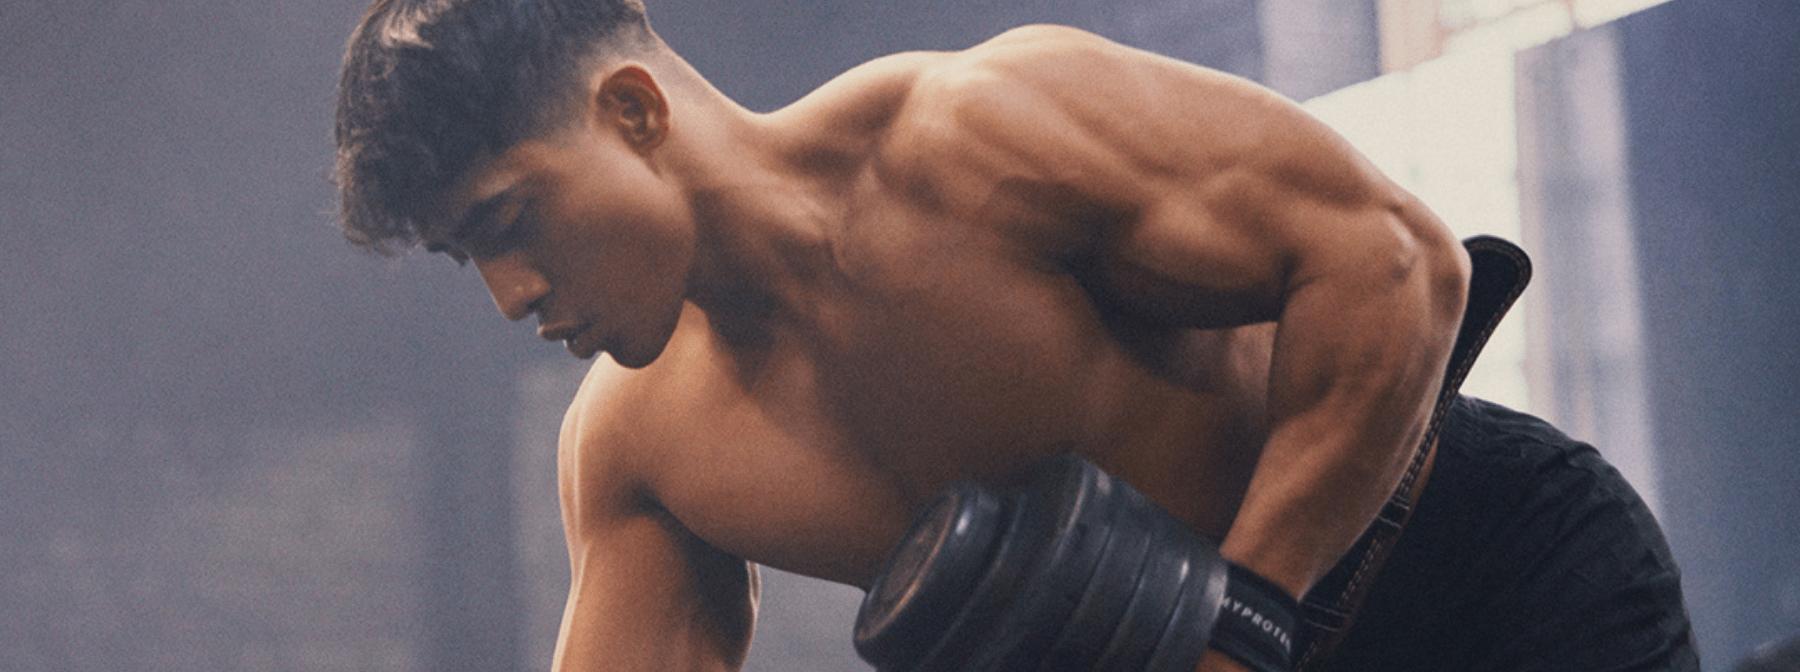 Tous les Exercices avec Haltère : Epaules, Tricpes, Biceps,...